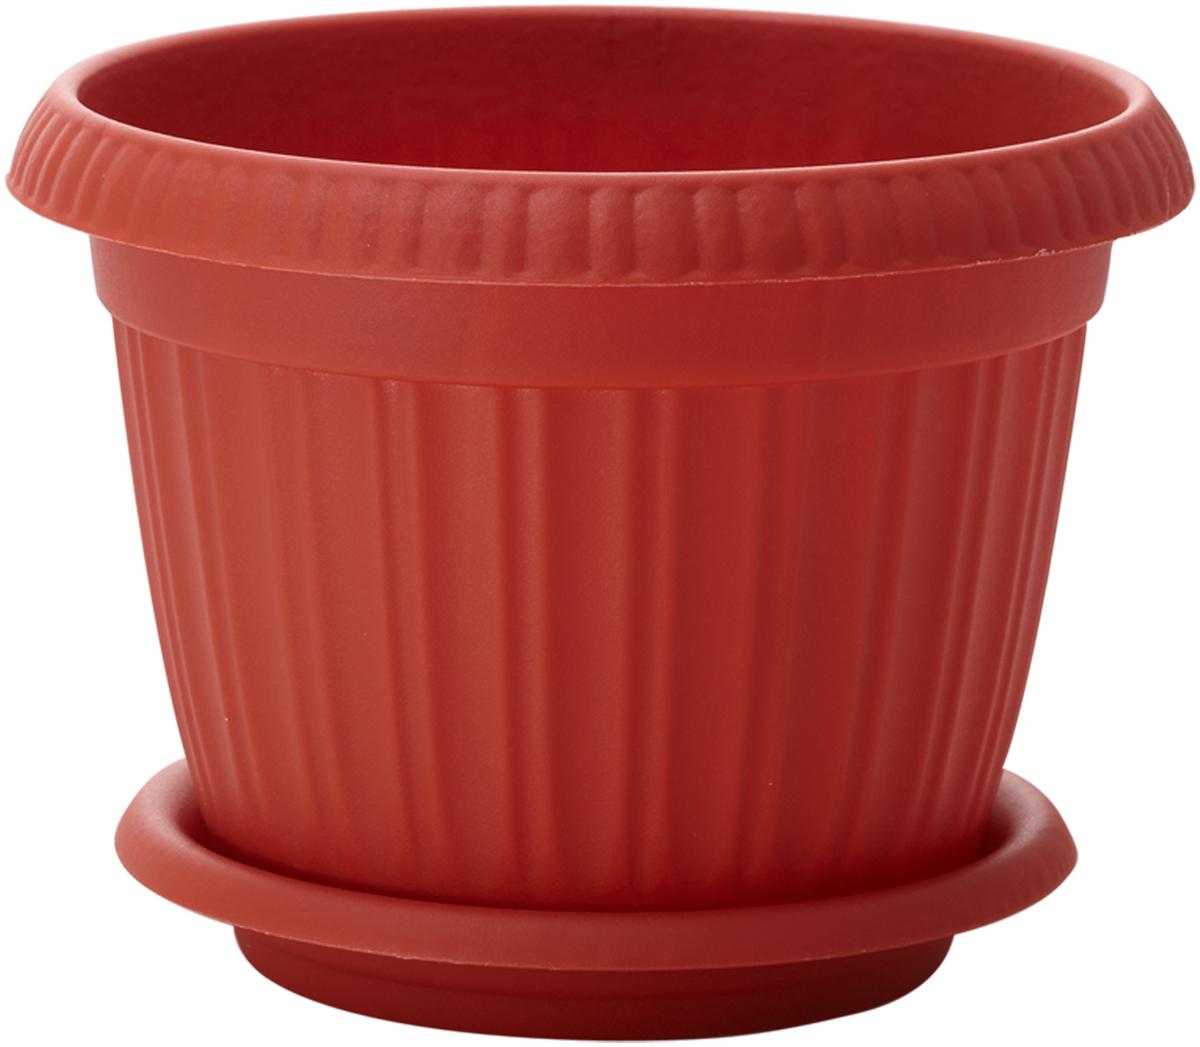 Горшок для цветов InGreen Таити, с подставкой, цвет: терракотовый, диаметр 23 смING41023FТРГоршок InGreen Таити выполнен из высококачественногополипропилена (пластика) и предназначен для выращиванияцветов, растений и трав. Снабжен подставкой для стока воды.Такой горшок порадует вас функциональностью, а благодарялаконичному дизайну впишется в любой интерьер помещения.Диаметр горшка по верхнему краю: 23 см.Высота горшка: 17,5 см.Диаметр подставки: 19 см.